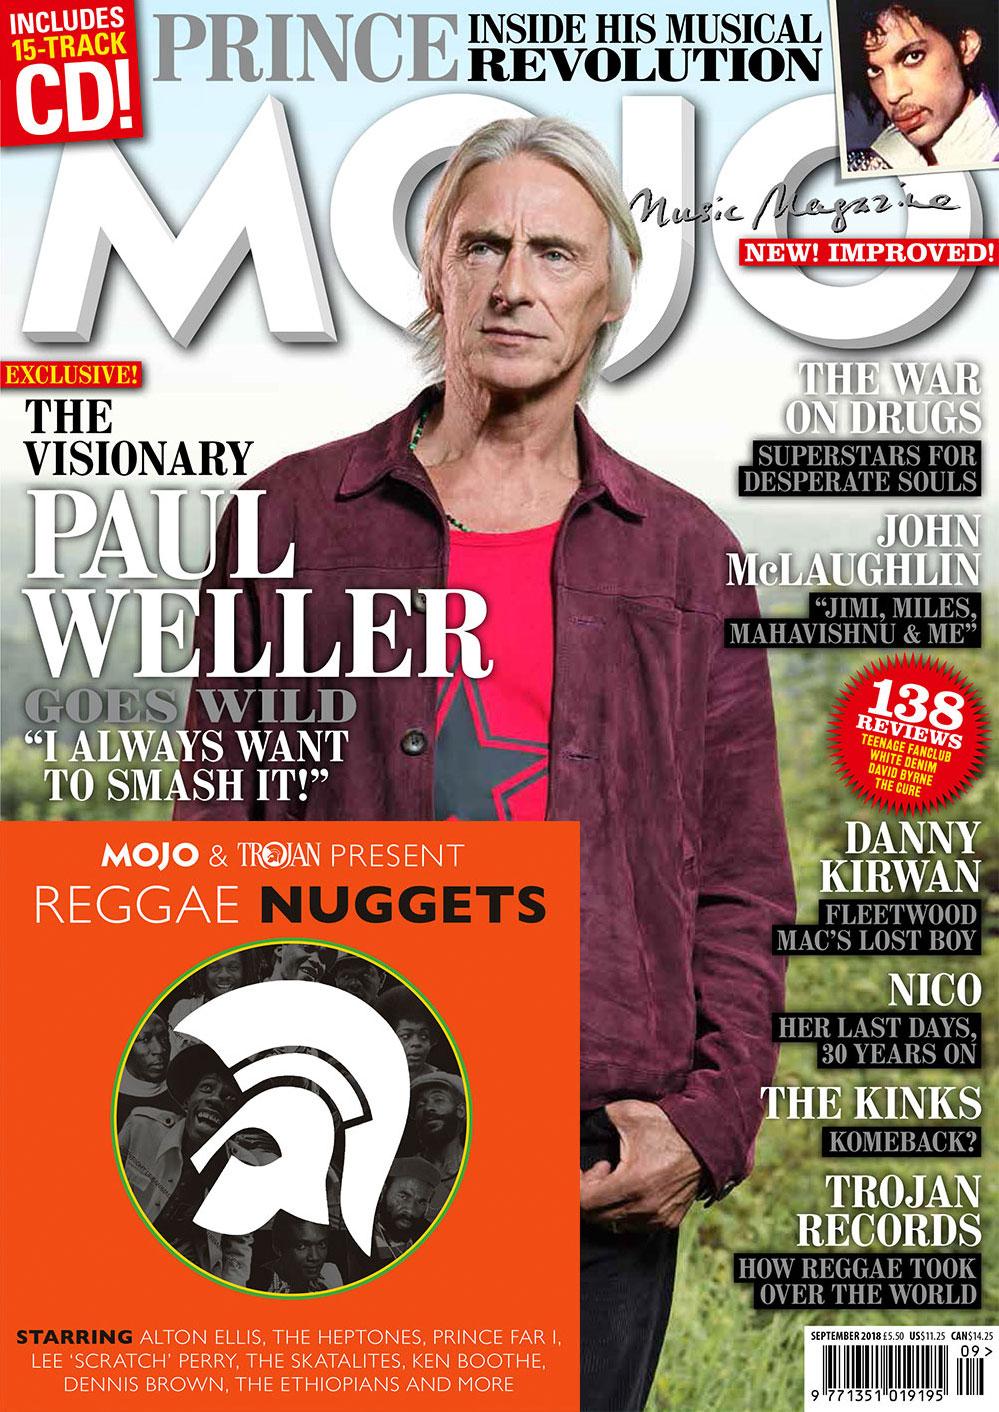 MOJO-288-cover-Paul-Weller-CD-small-1000.jpg